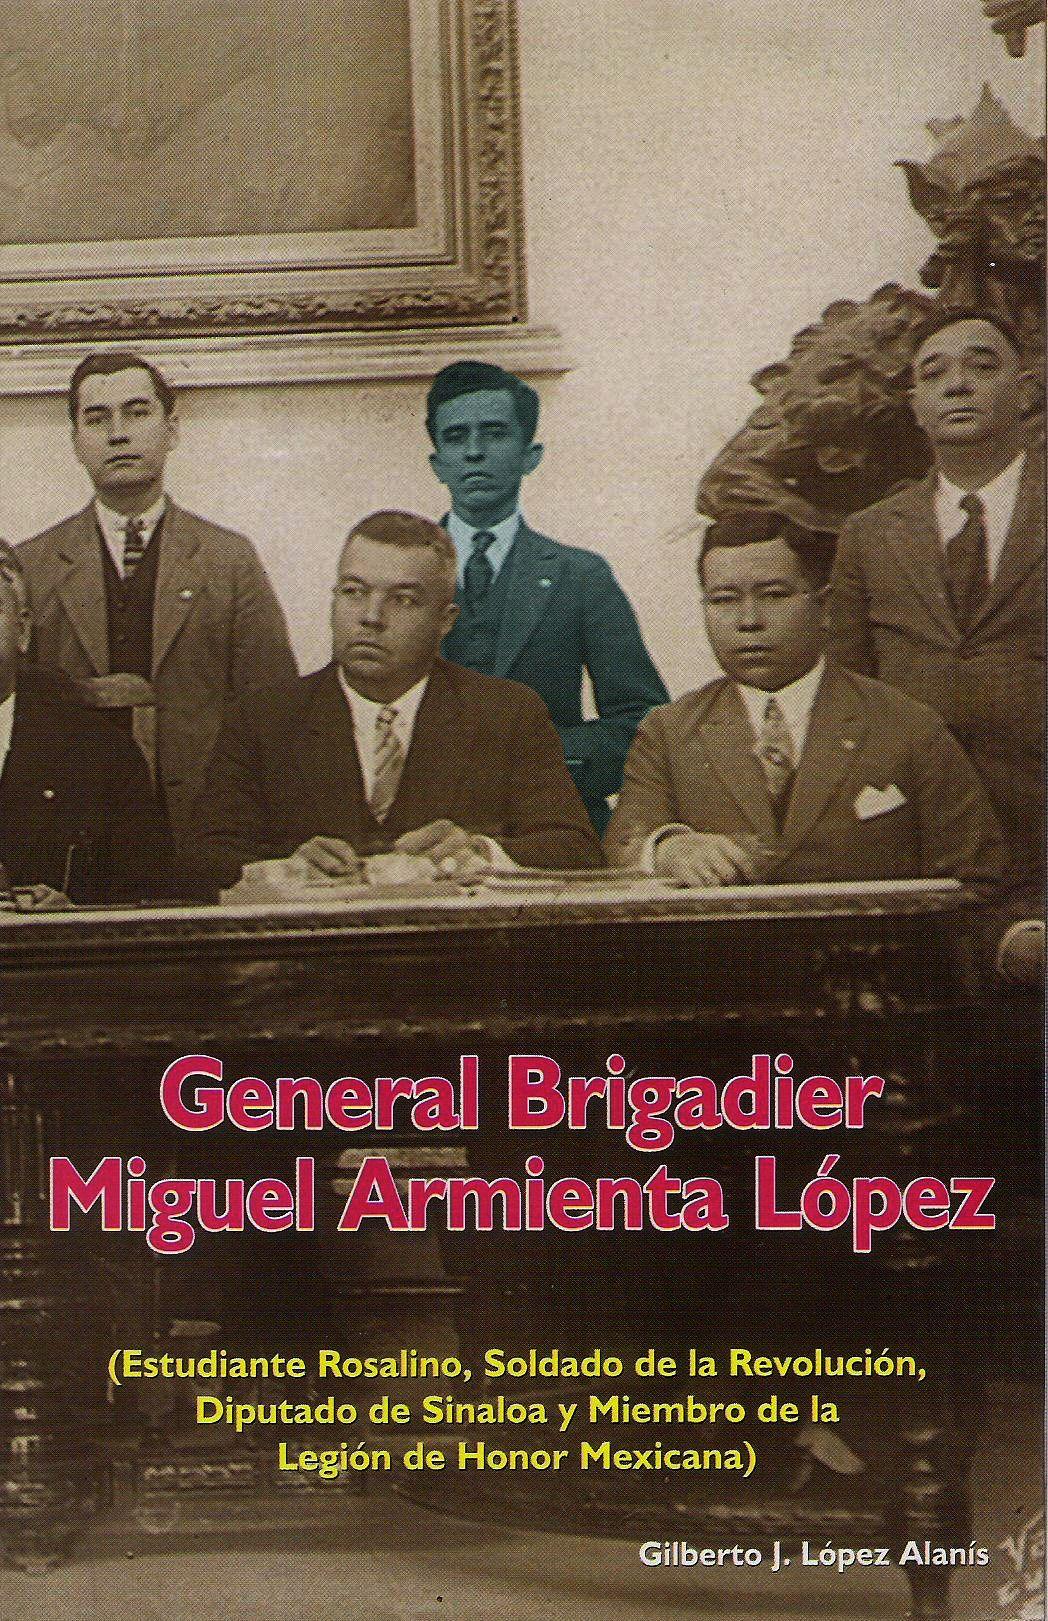 General brigadier Miguel Armienta L¢pez